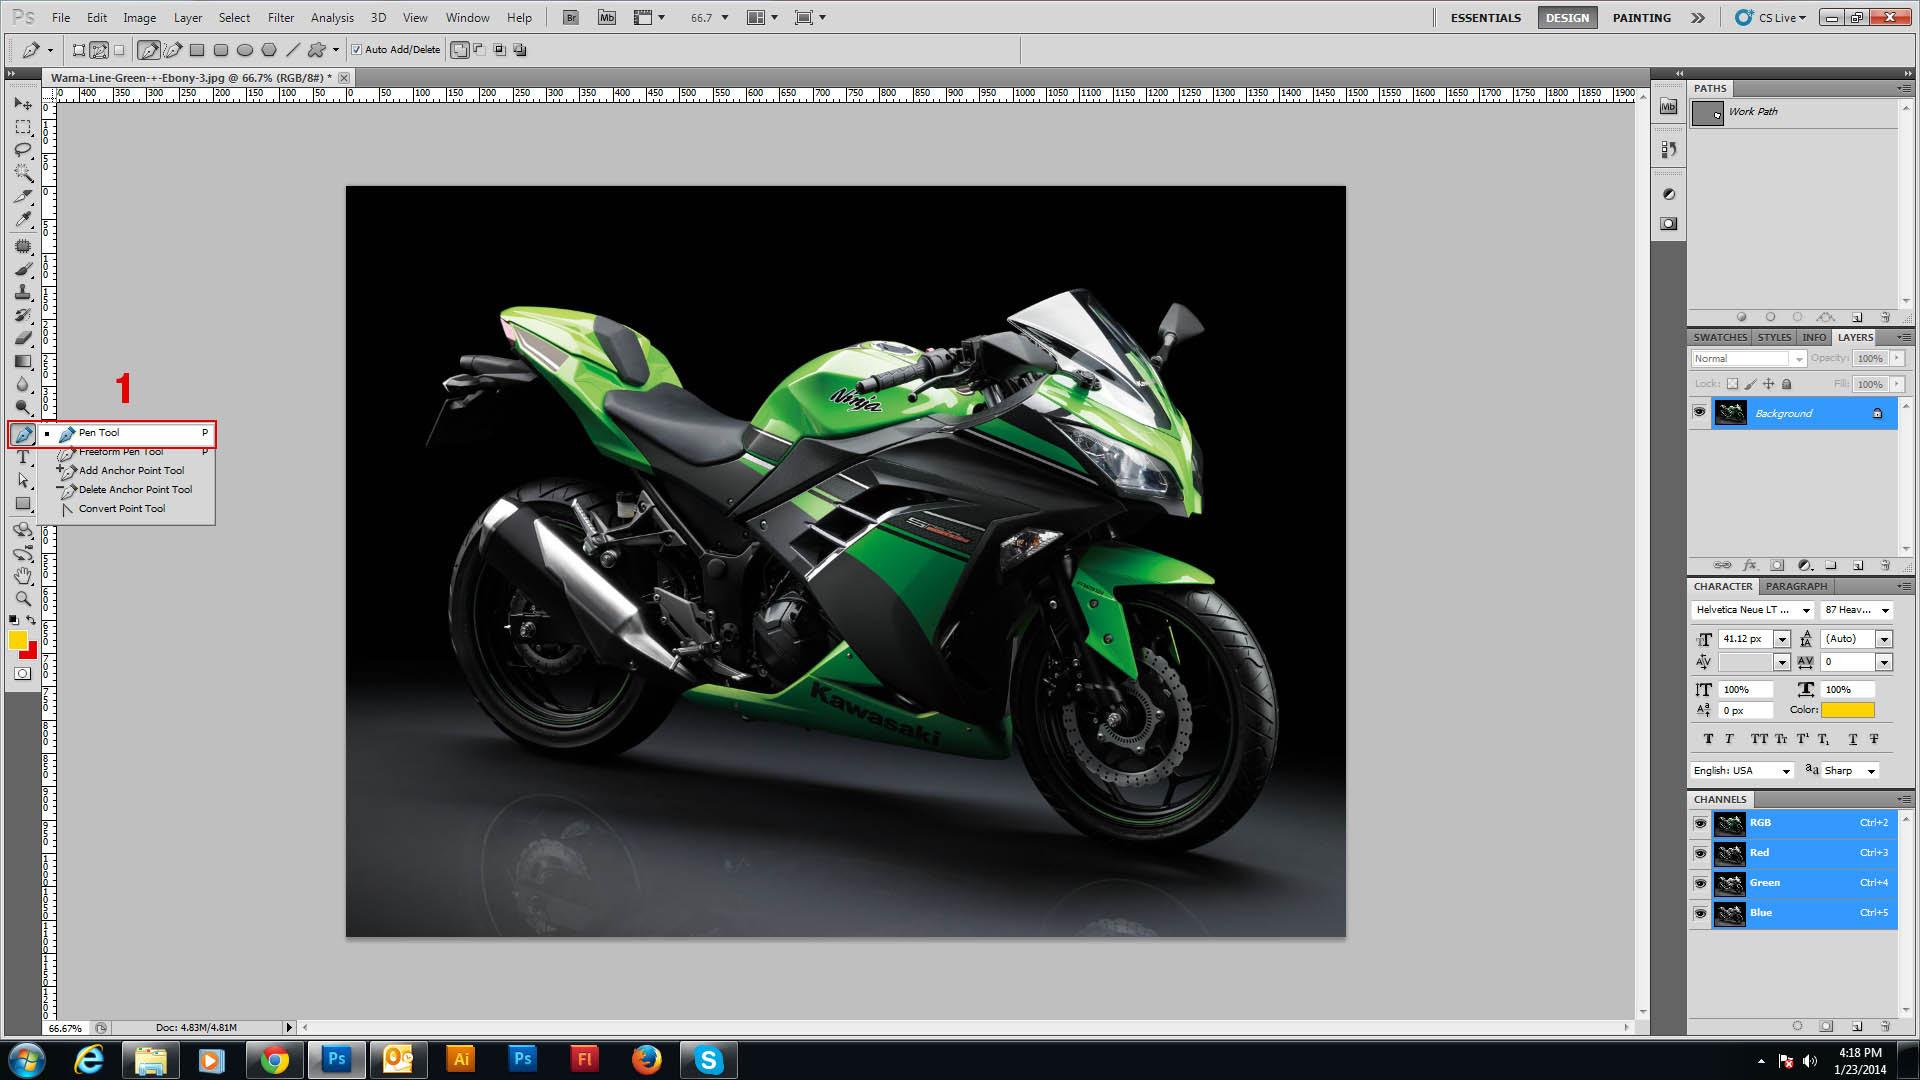 Tutorial Sederhana Pewarna An Body Motor Di Photoshop Untuk Modif